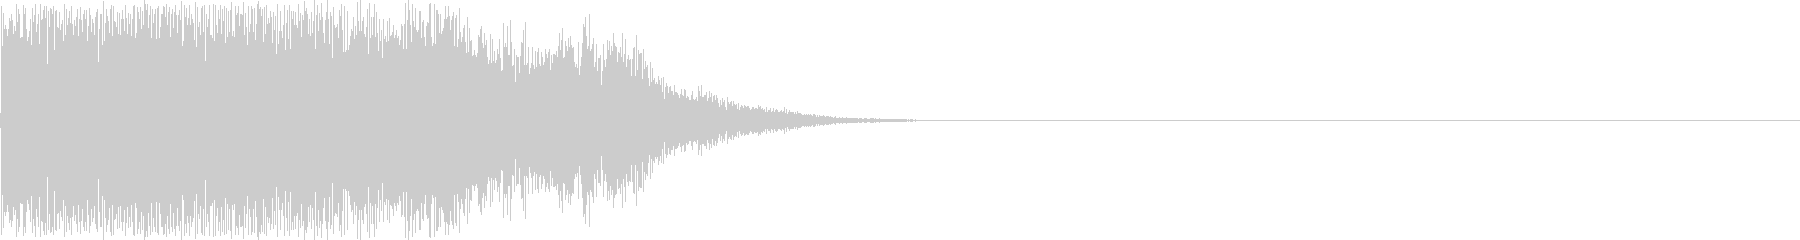 決定・タッチ・スタート音・ボタン・取得の未再生の波形